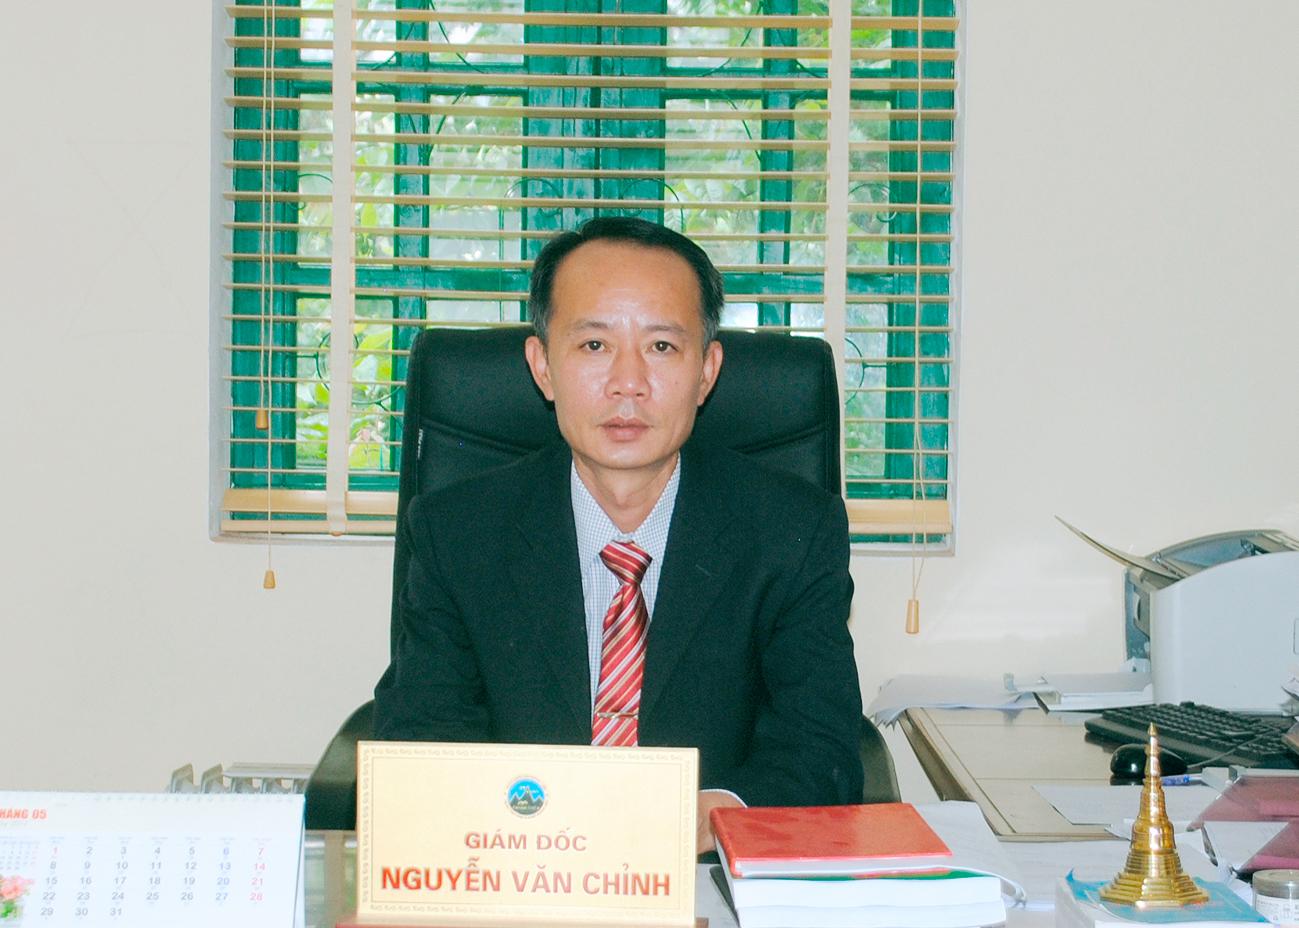 Giám đốc - Nguyễn Văn Chỉnh